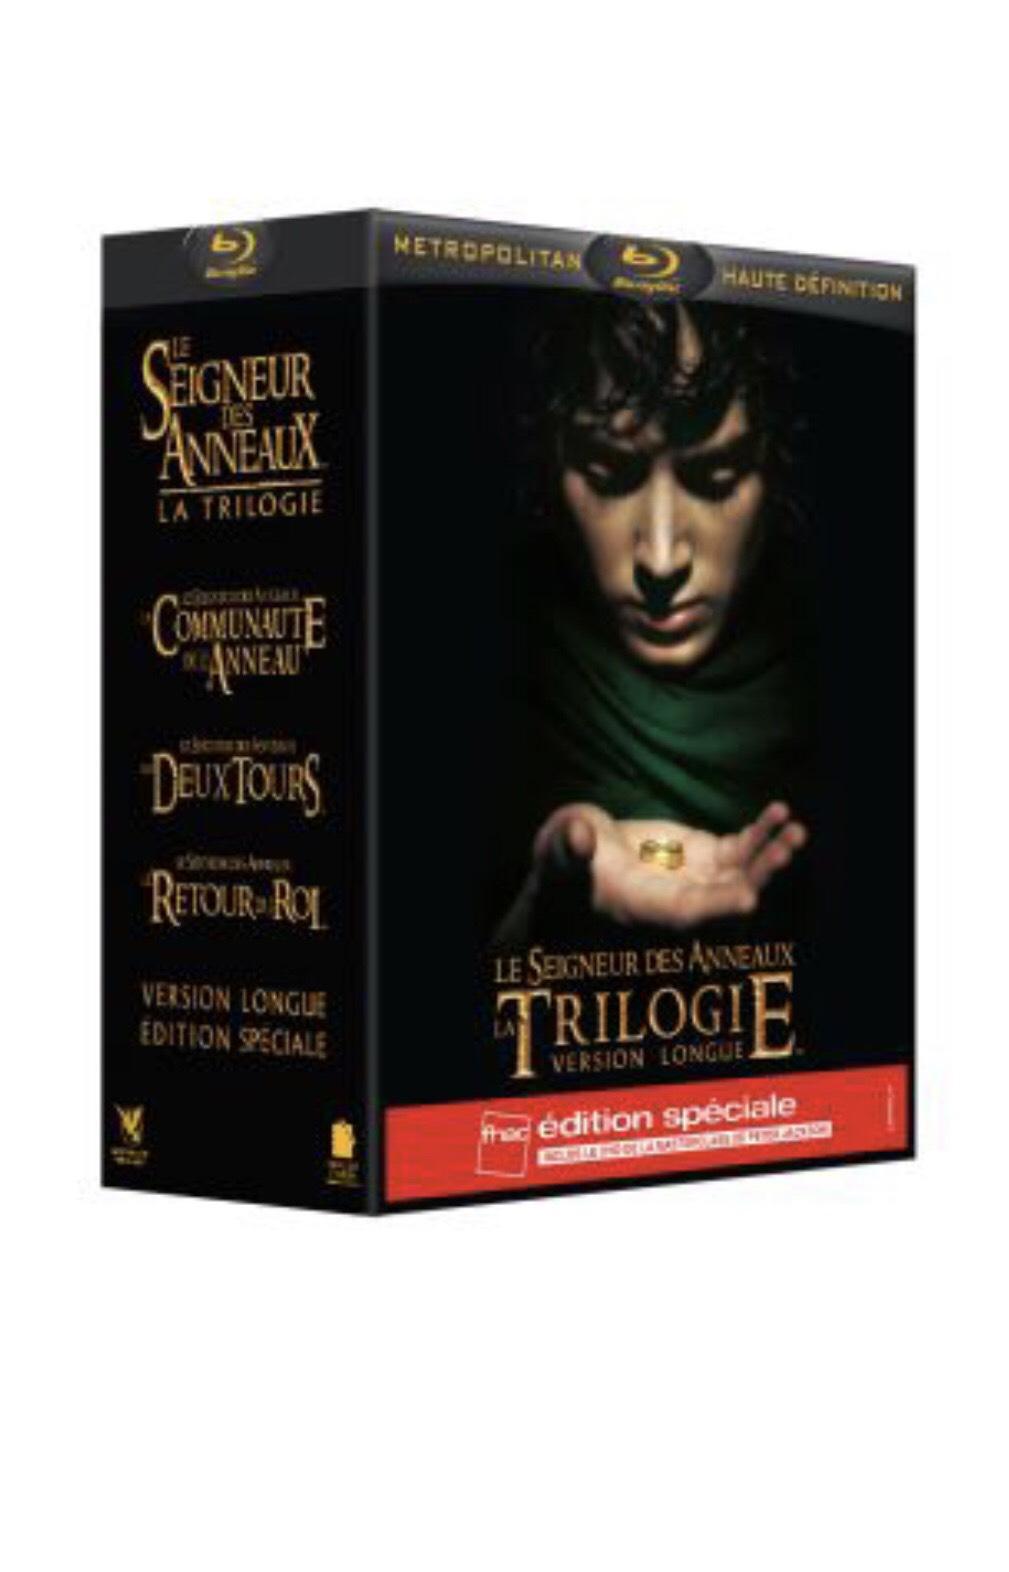 Coffret Blu-ray Trilogie Le Seigneur des Anneaux - 15 disques [Version Longue - Édition spéciale]